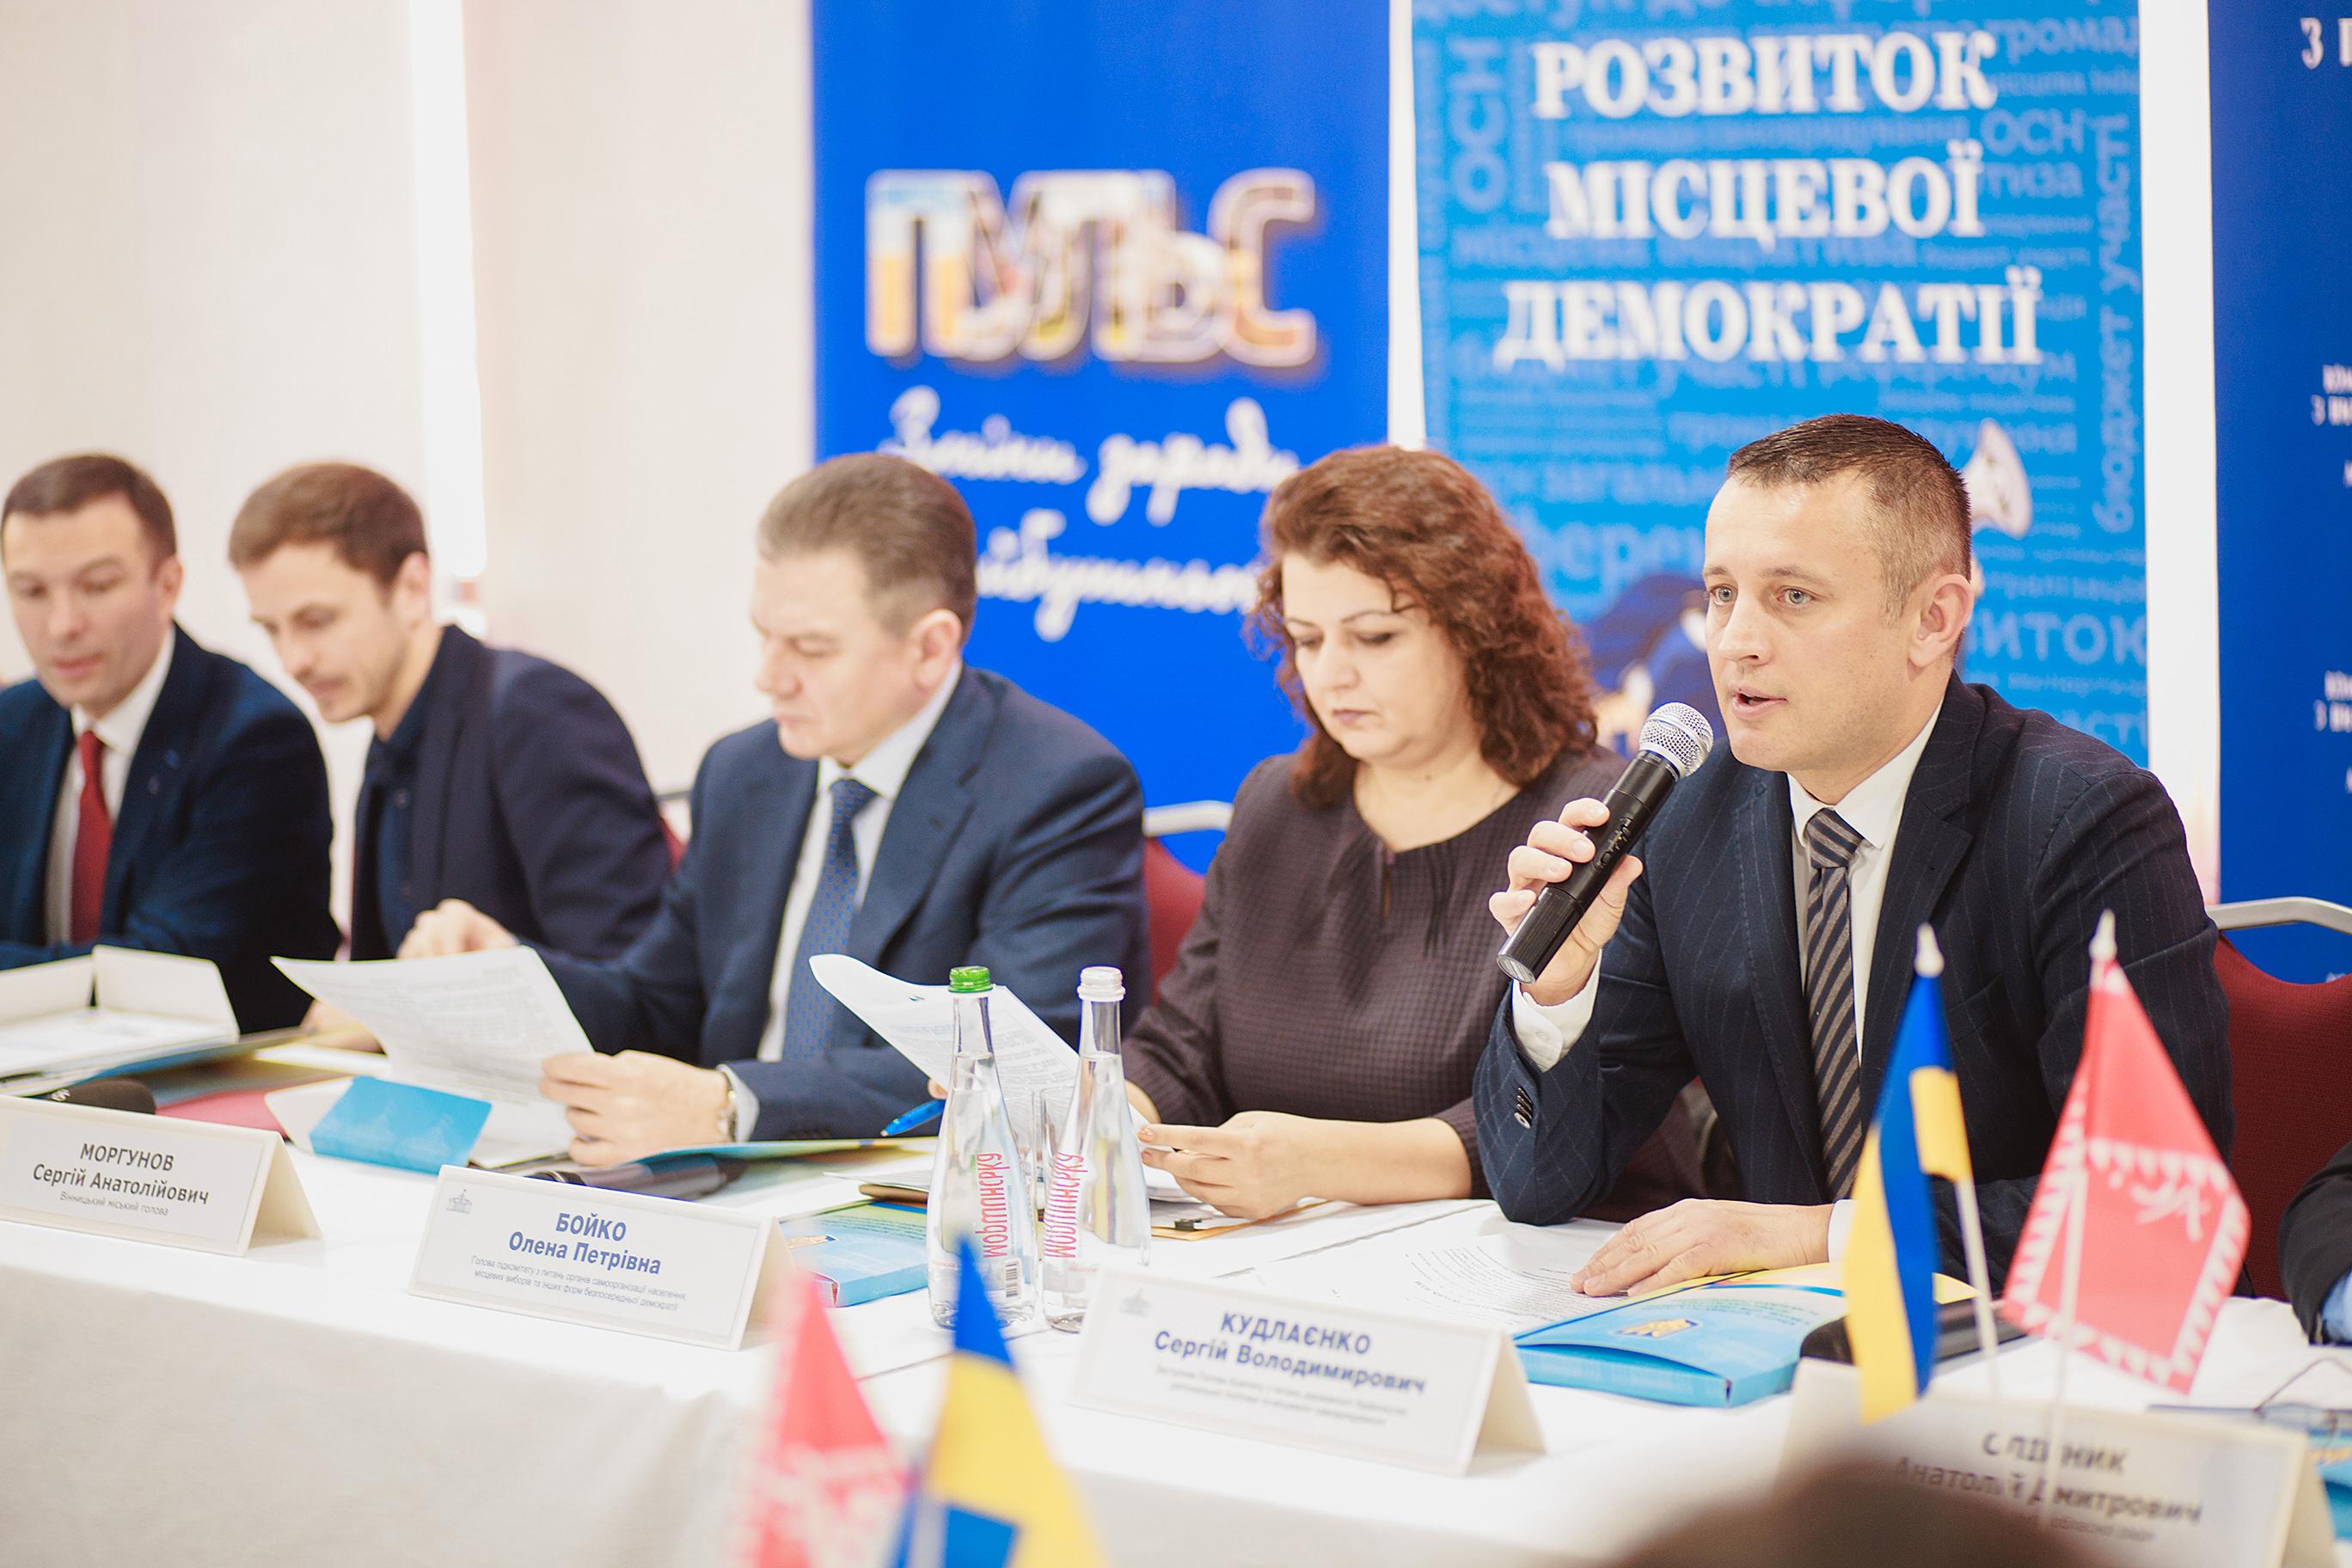 У Вінниці обговорили проблеми виборчого законодавства в контексті реформи децентралізації